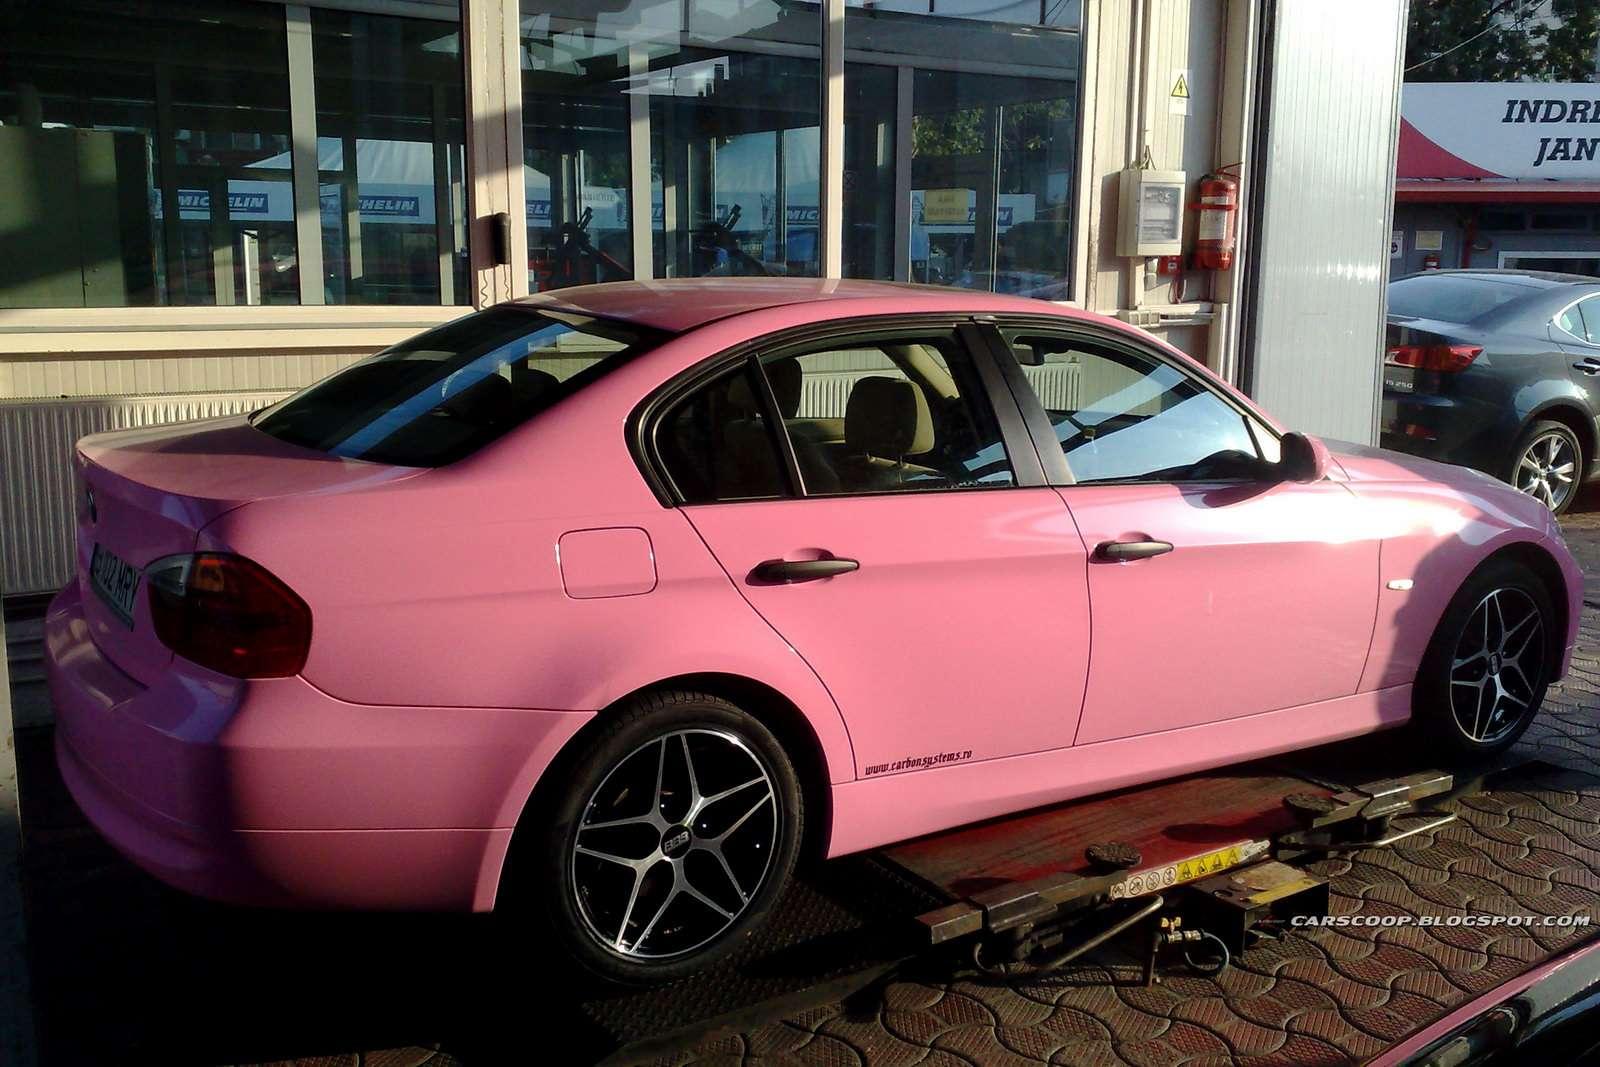 BMW serii 3 pink sierpien 2010